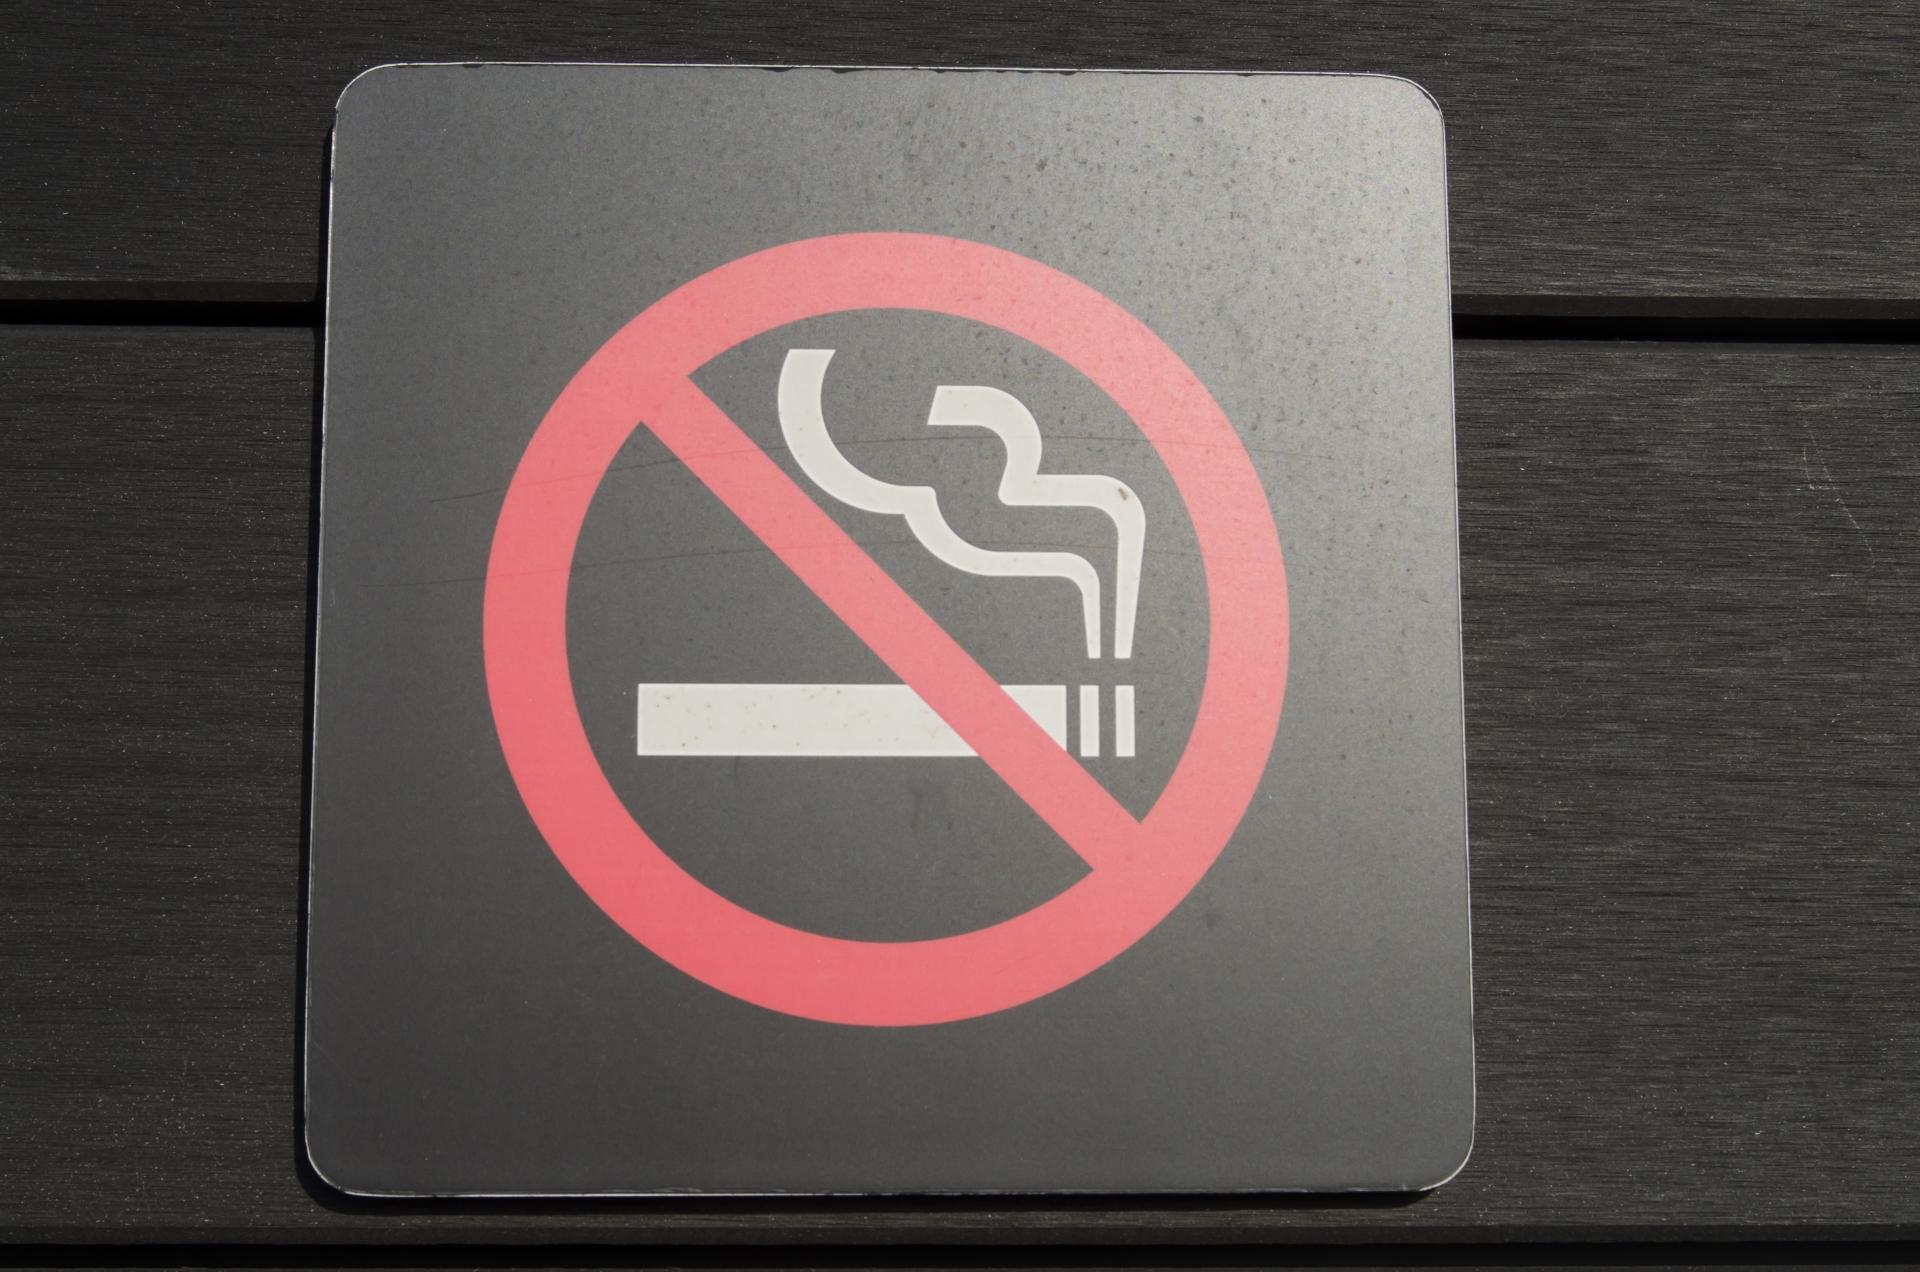 先ず、禁煙です。